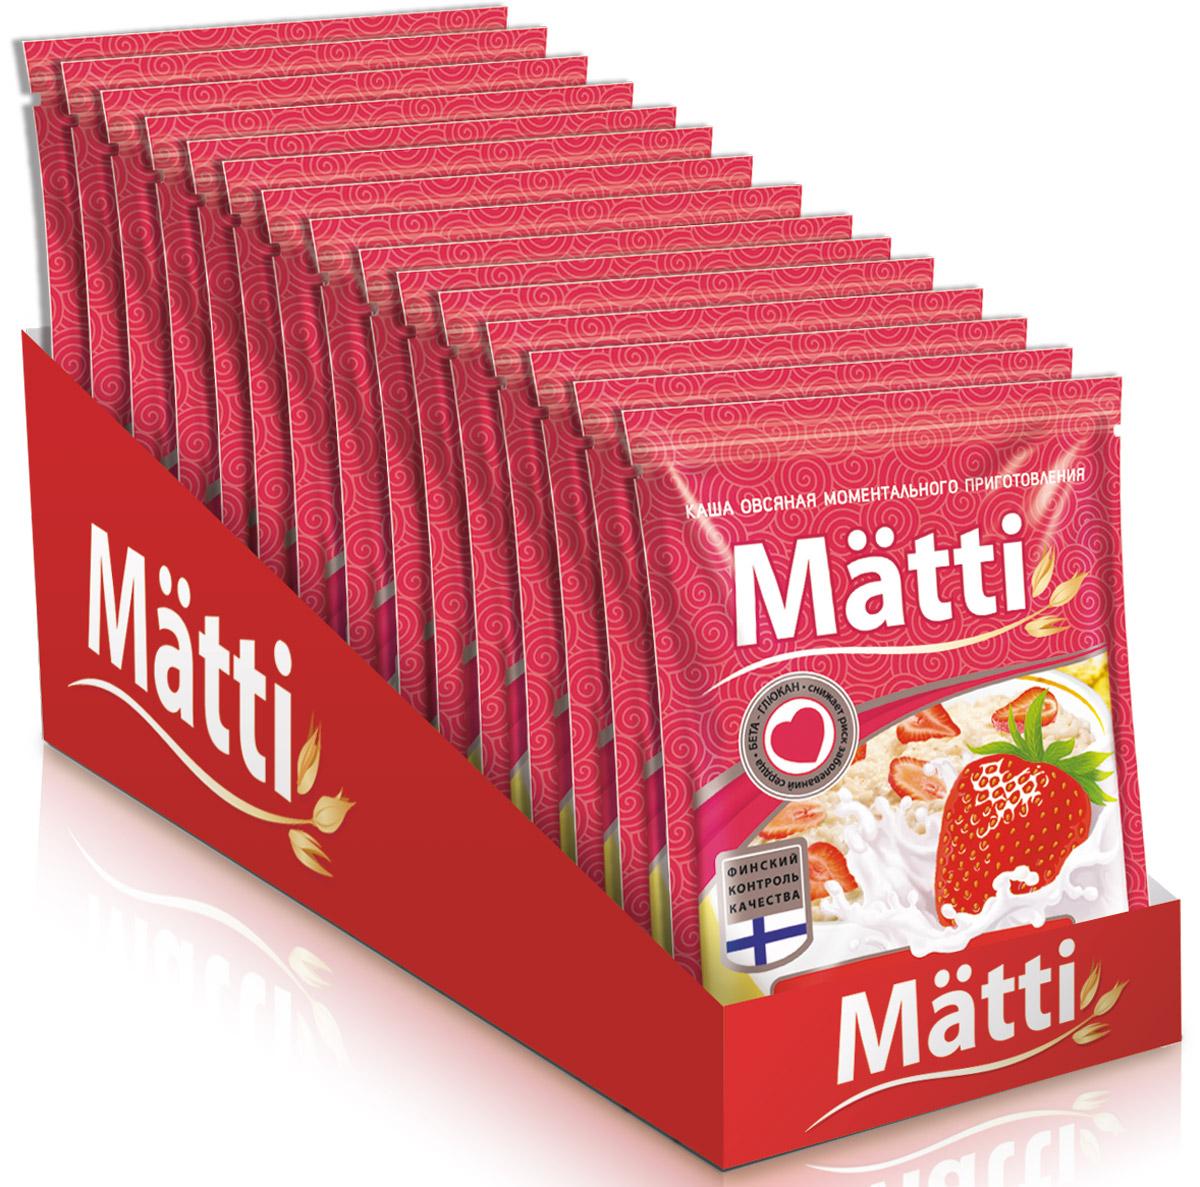 Matti каша клубника со сливками, 15 шт по 40 г